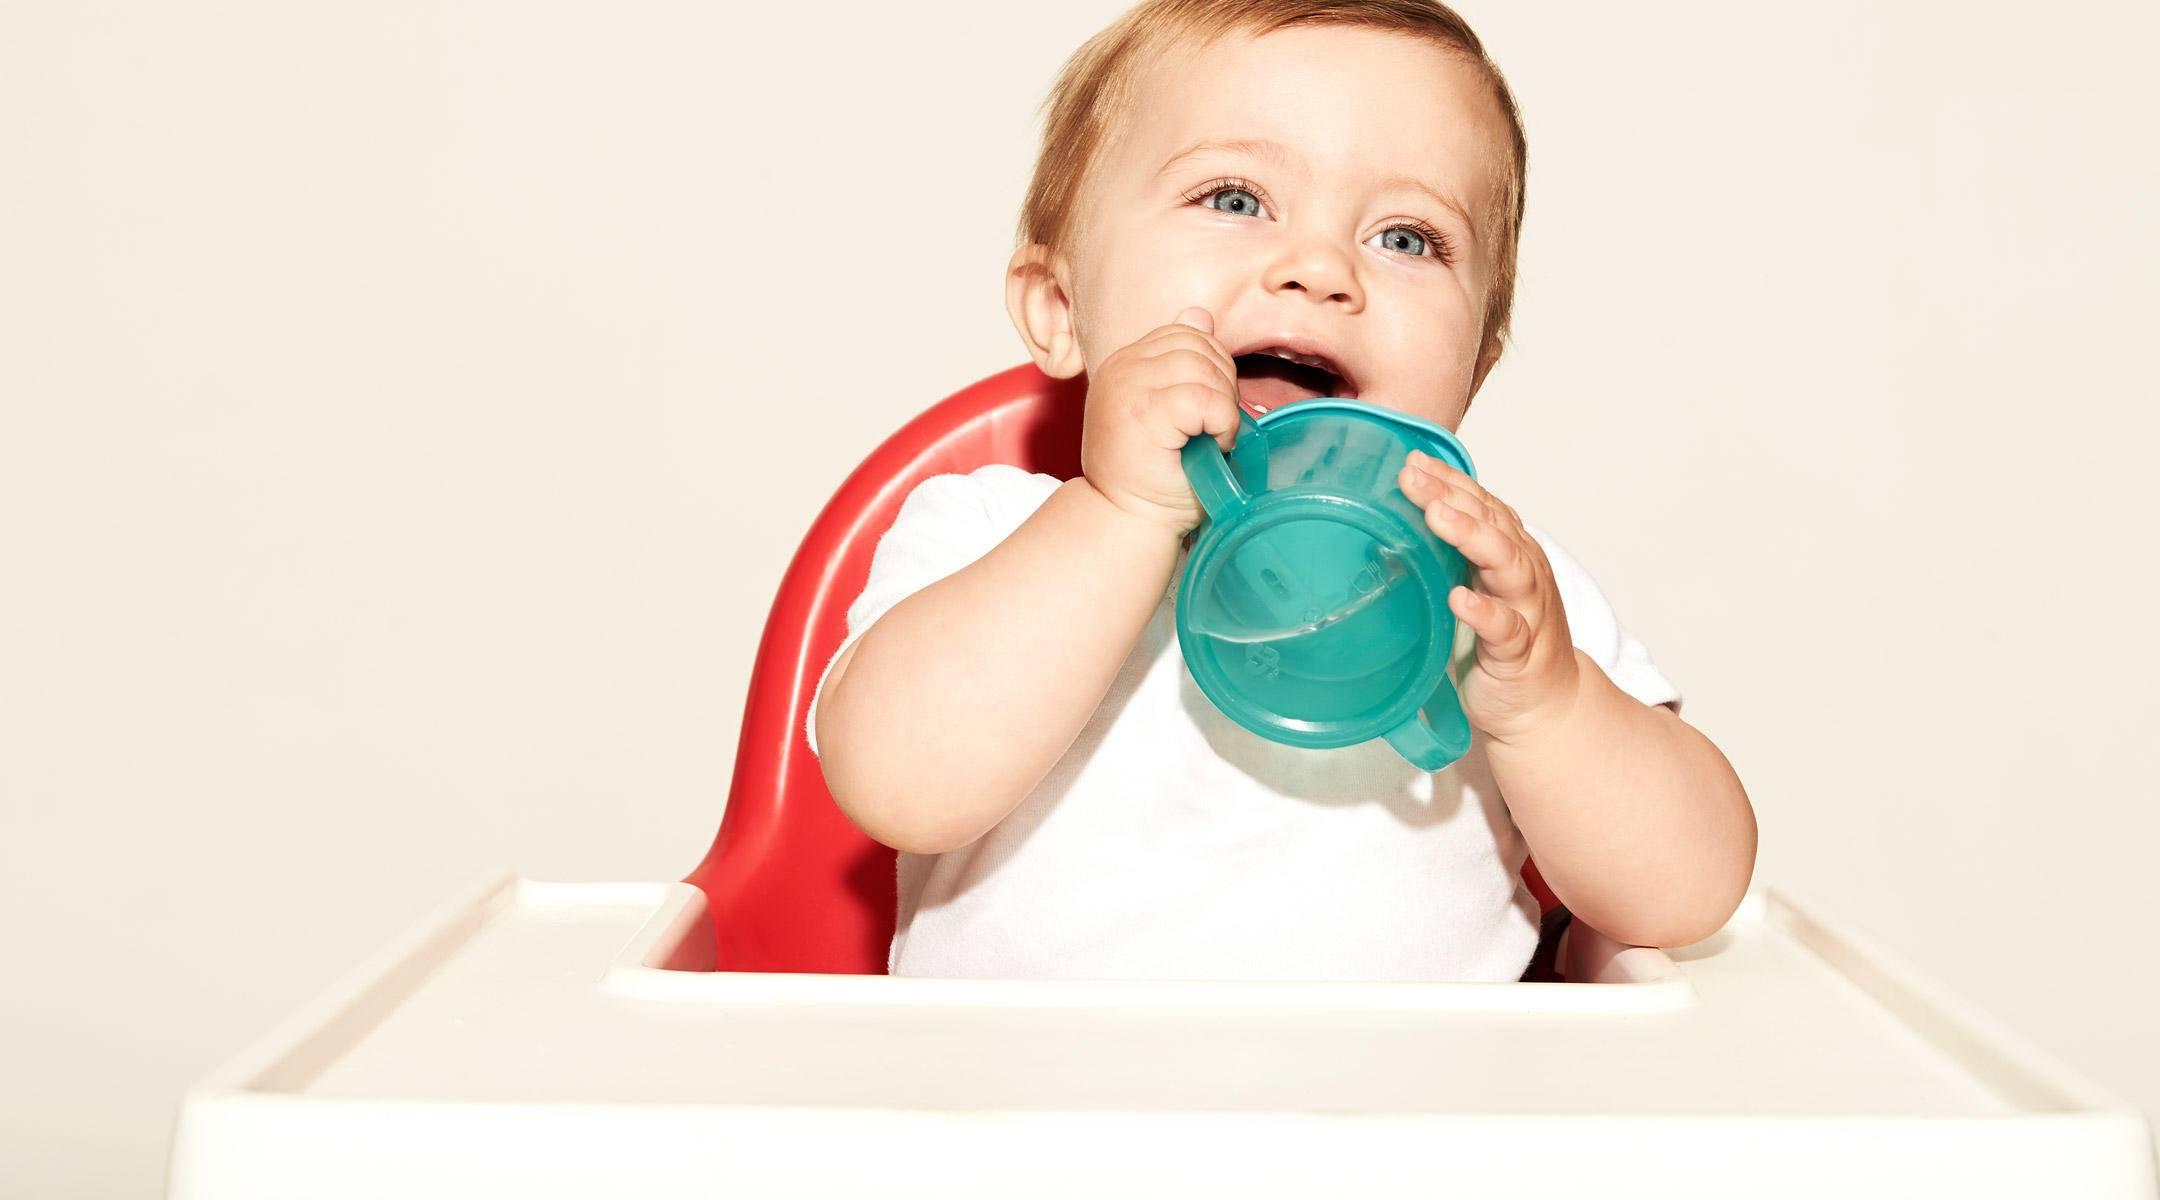 Как научить ребенка пить из кружки самостоятельно